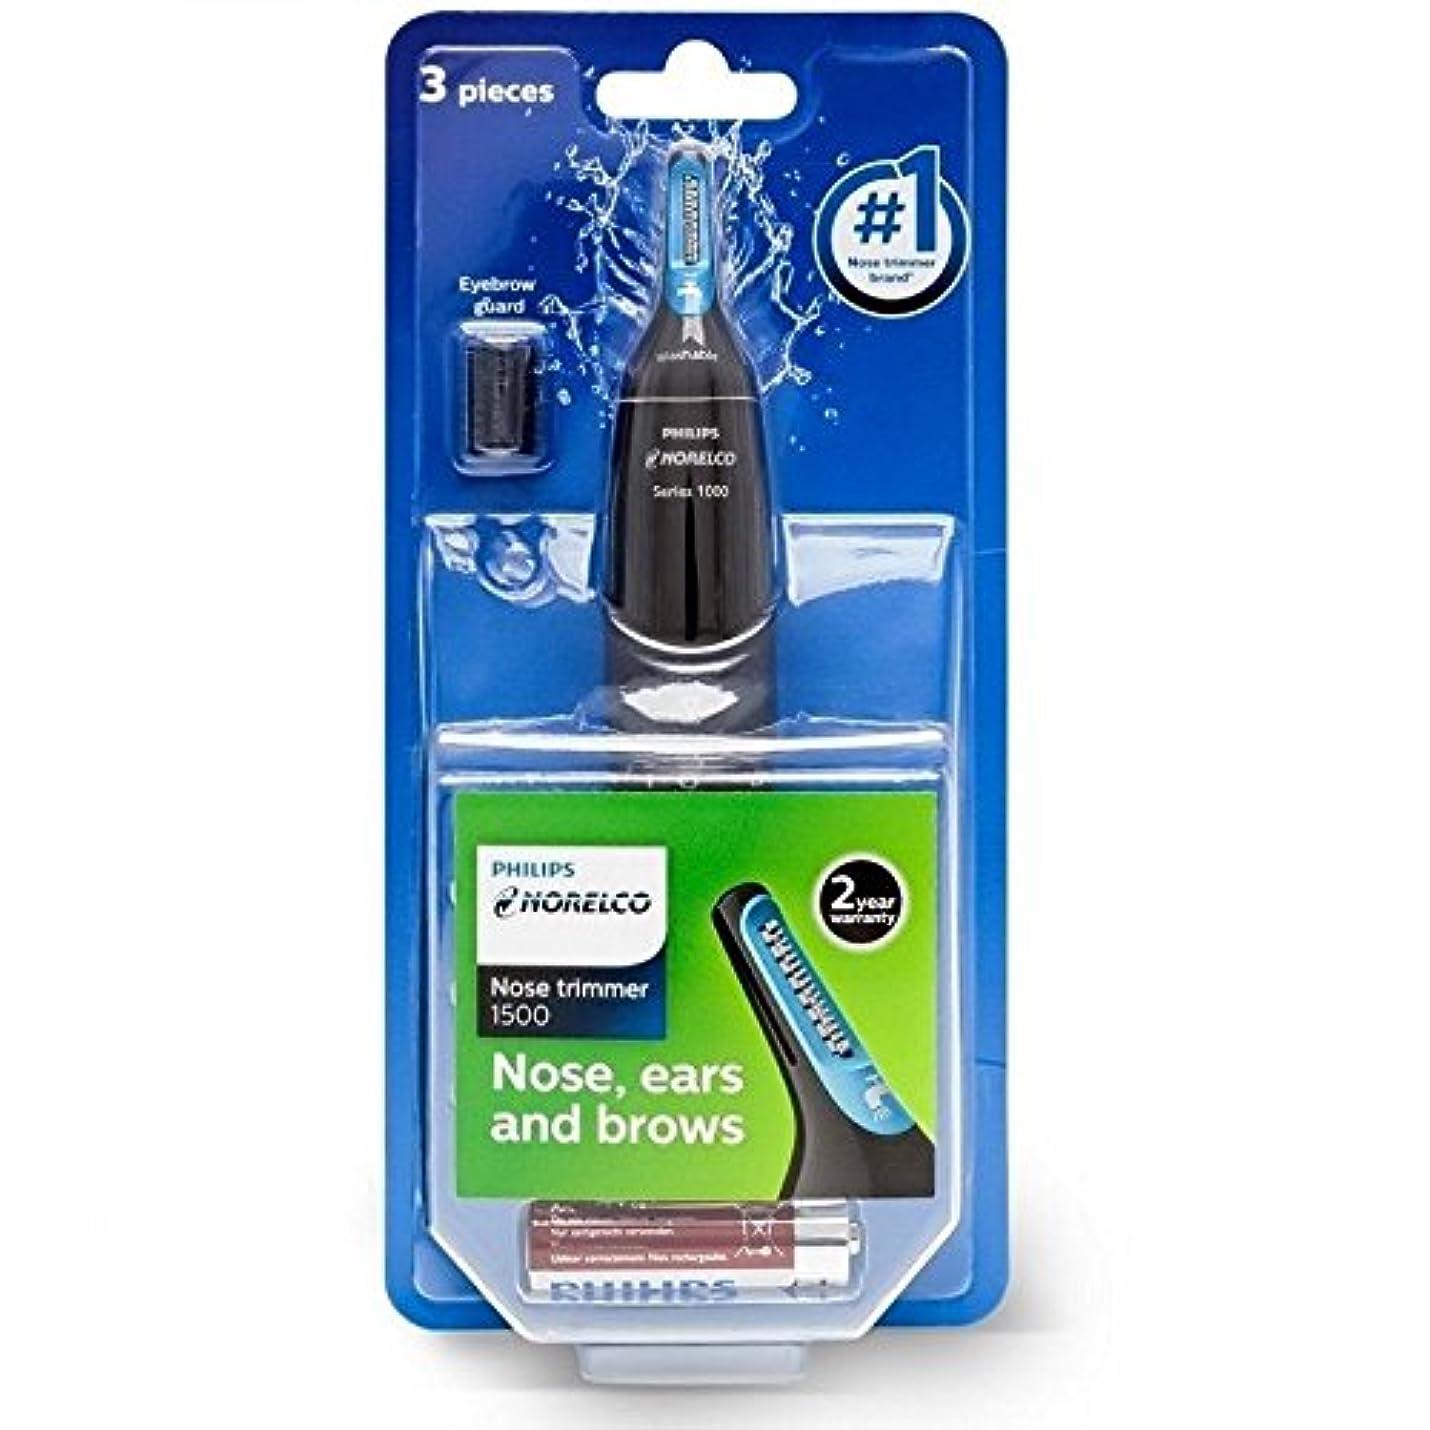 分離する照らすブリッジPhilips Norelco NT1500 鼻/耳&眉毛トリマー series 1000 [並行輸入品]